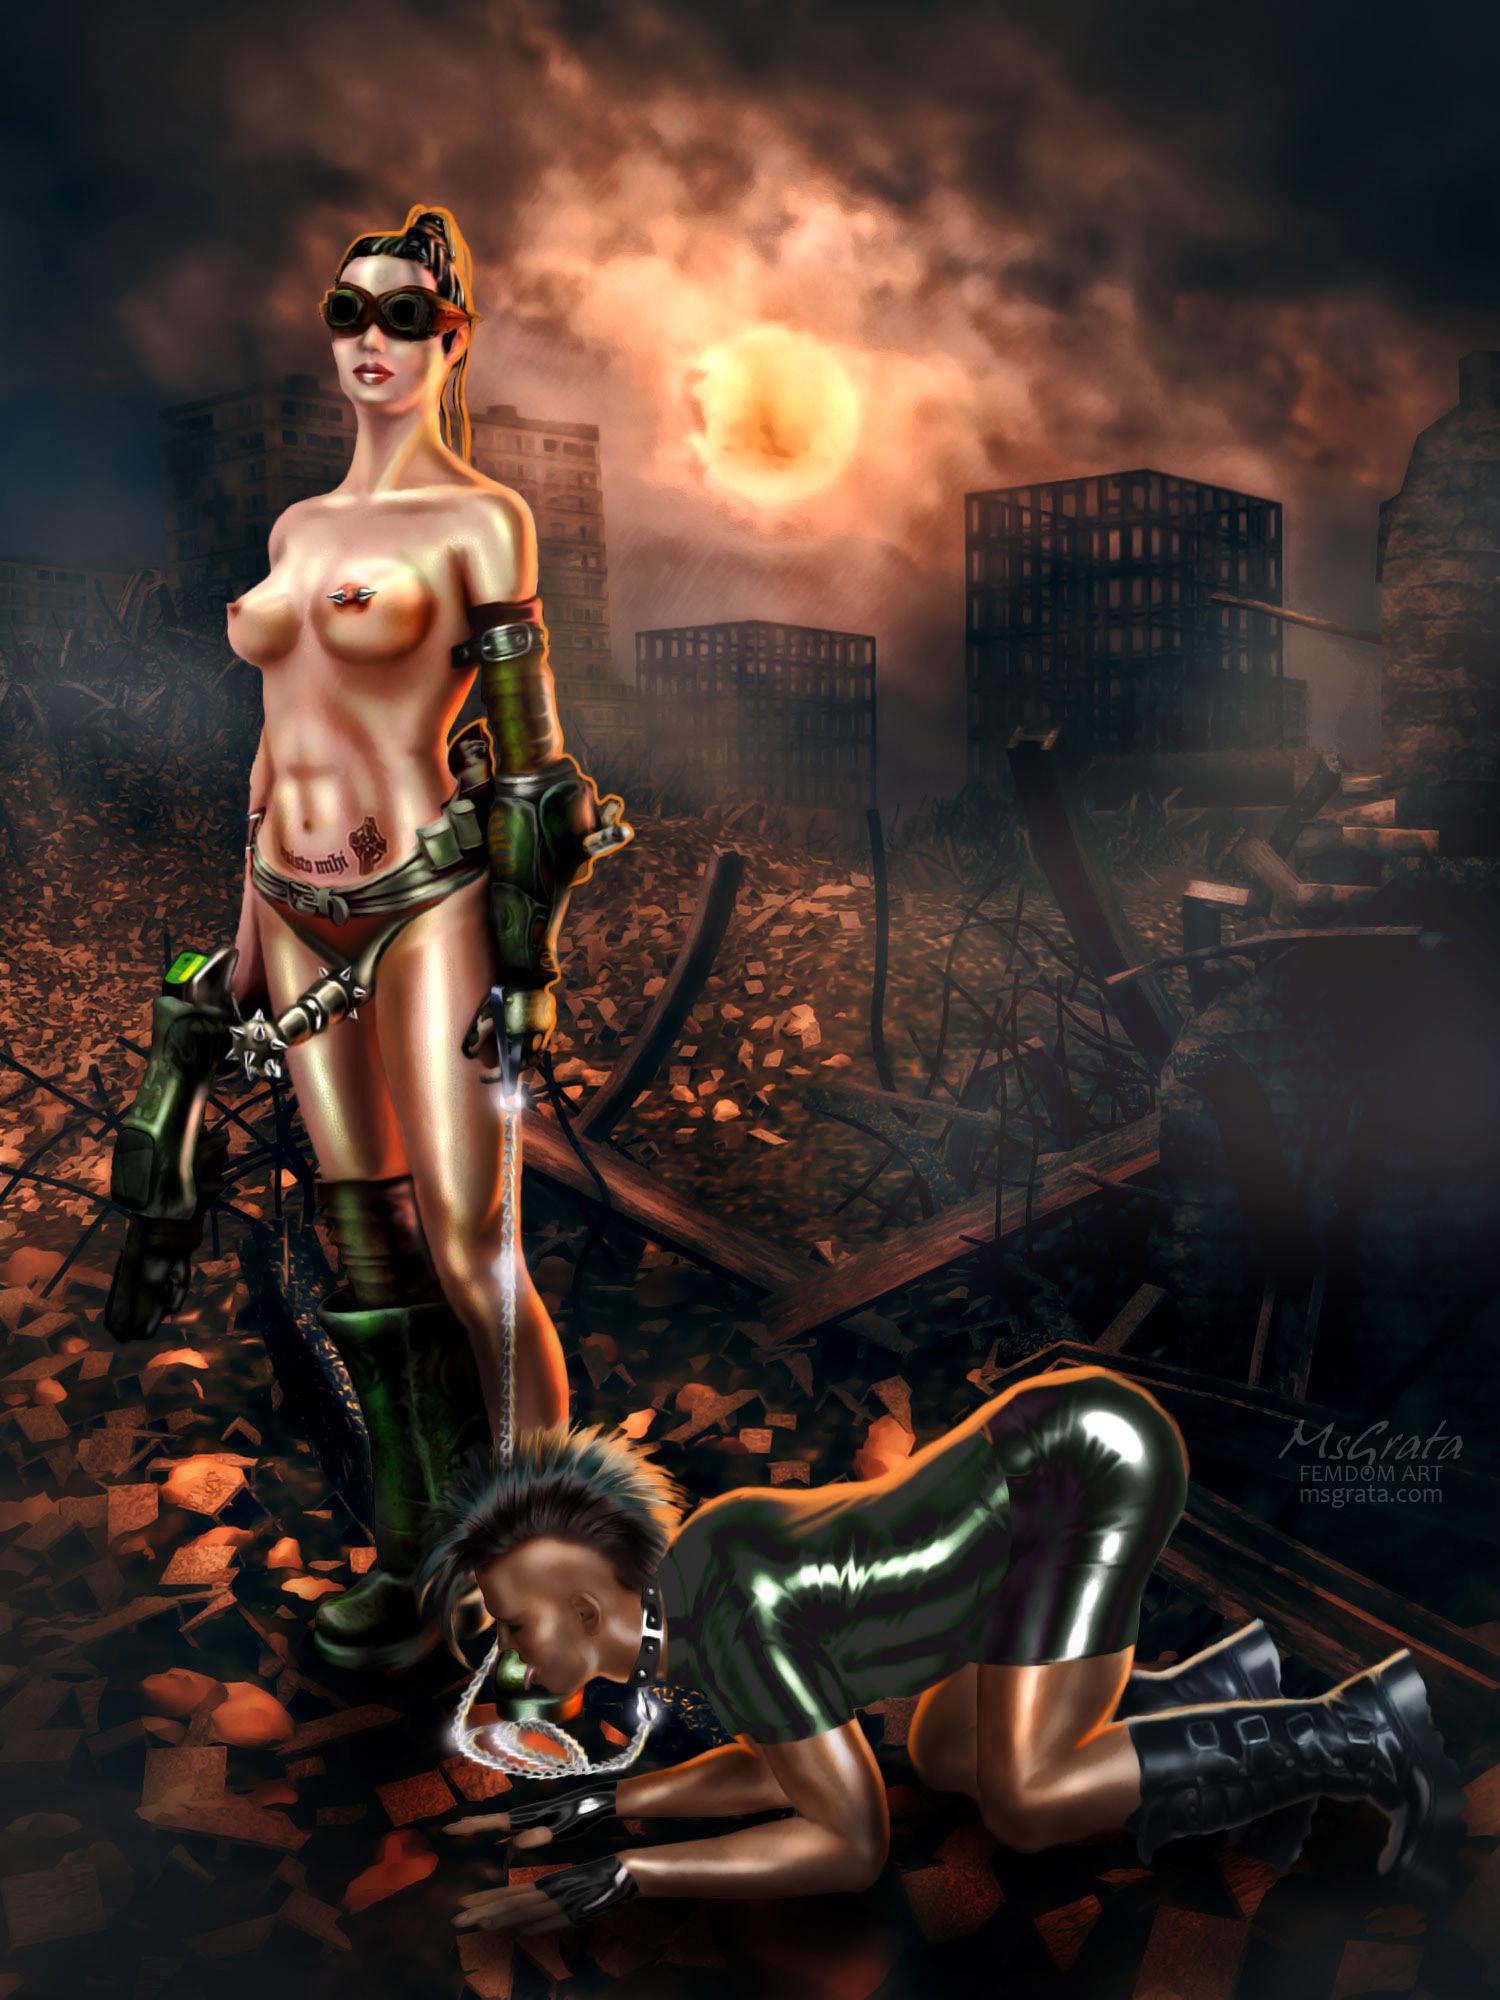 Post-apocalypse ynder dominatrix feet steam punk femdom art fantasy by MsGrata